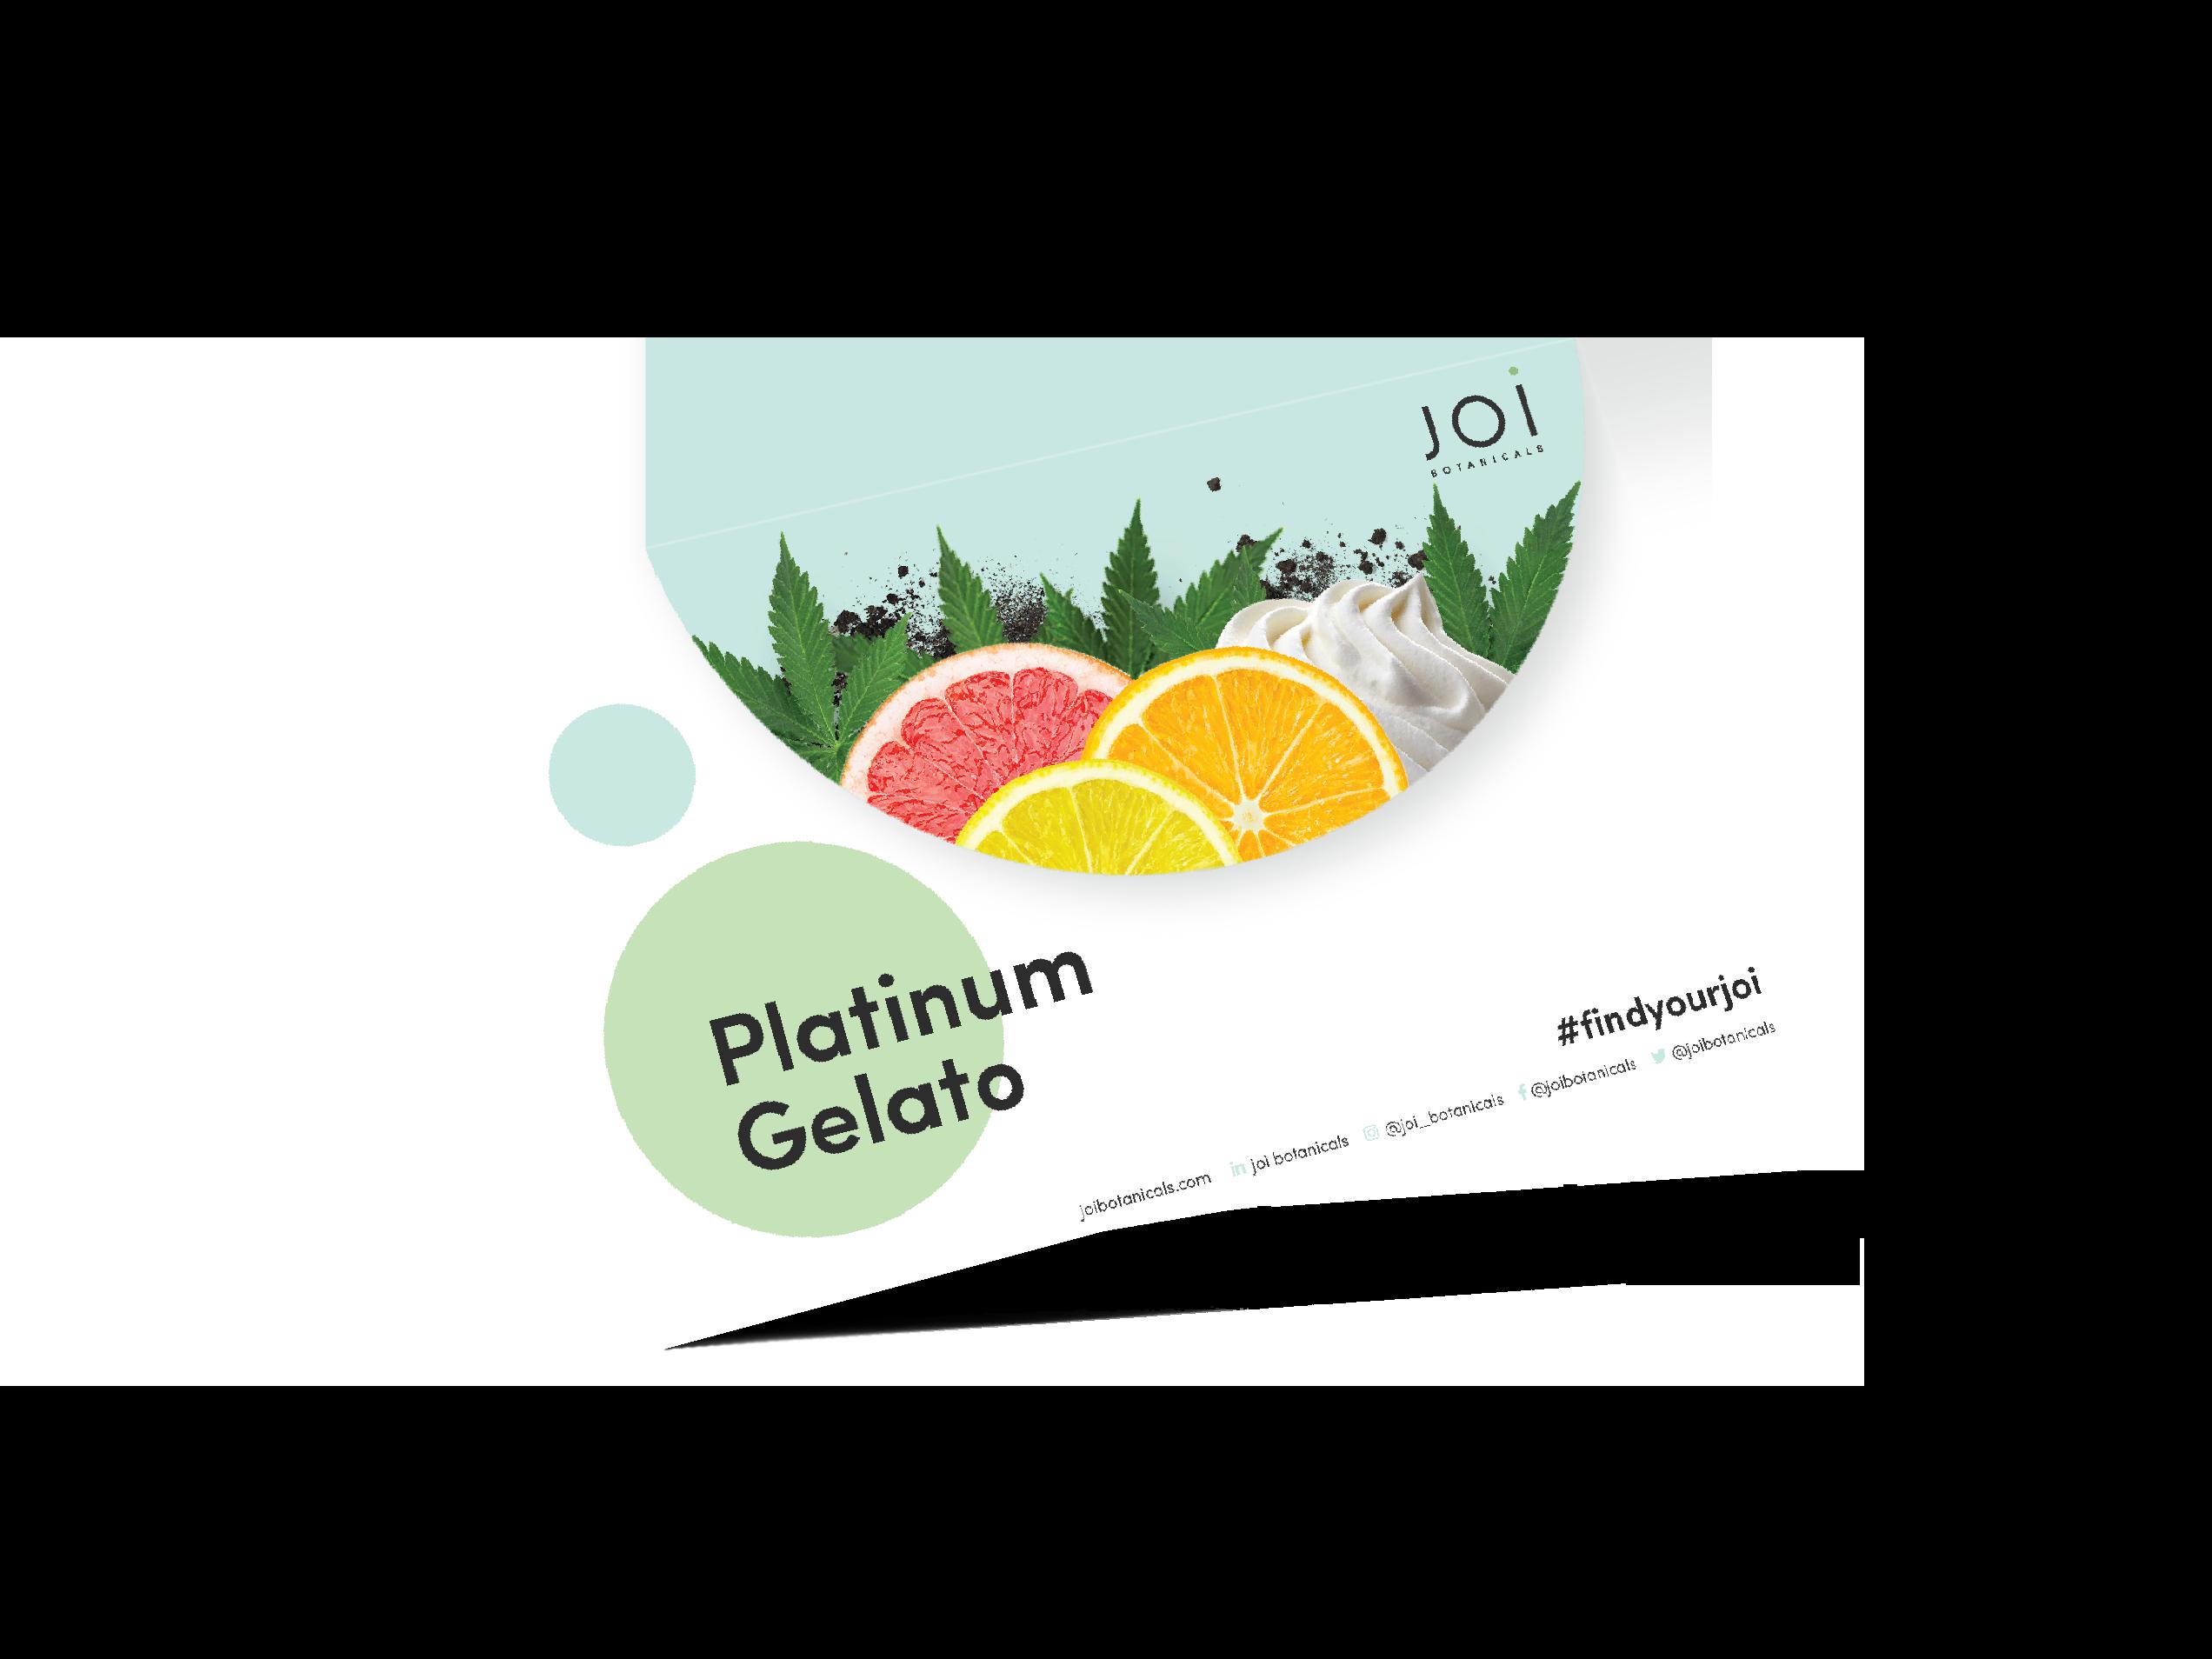 Platinum Gelato